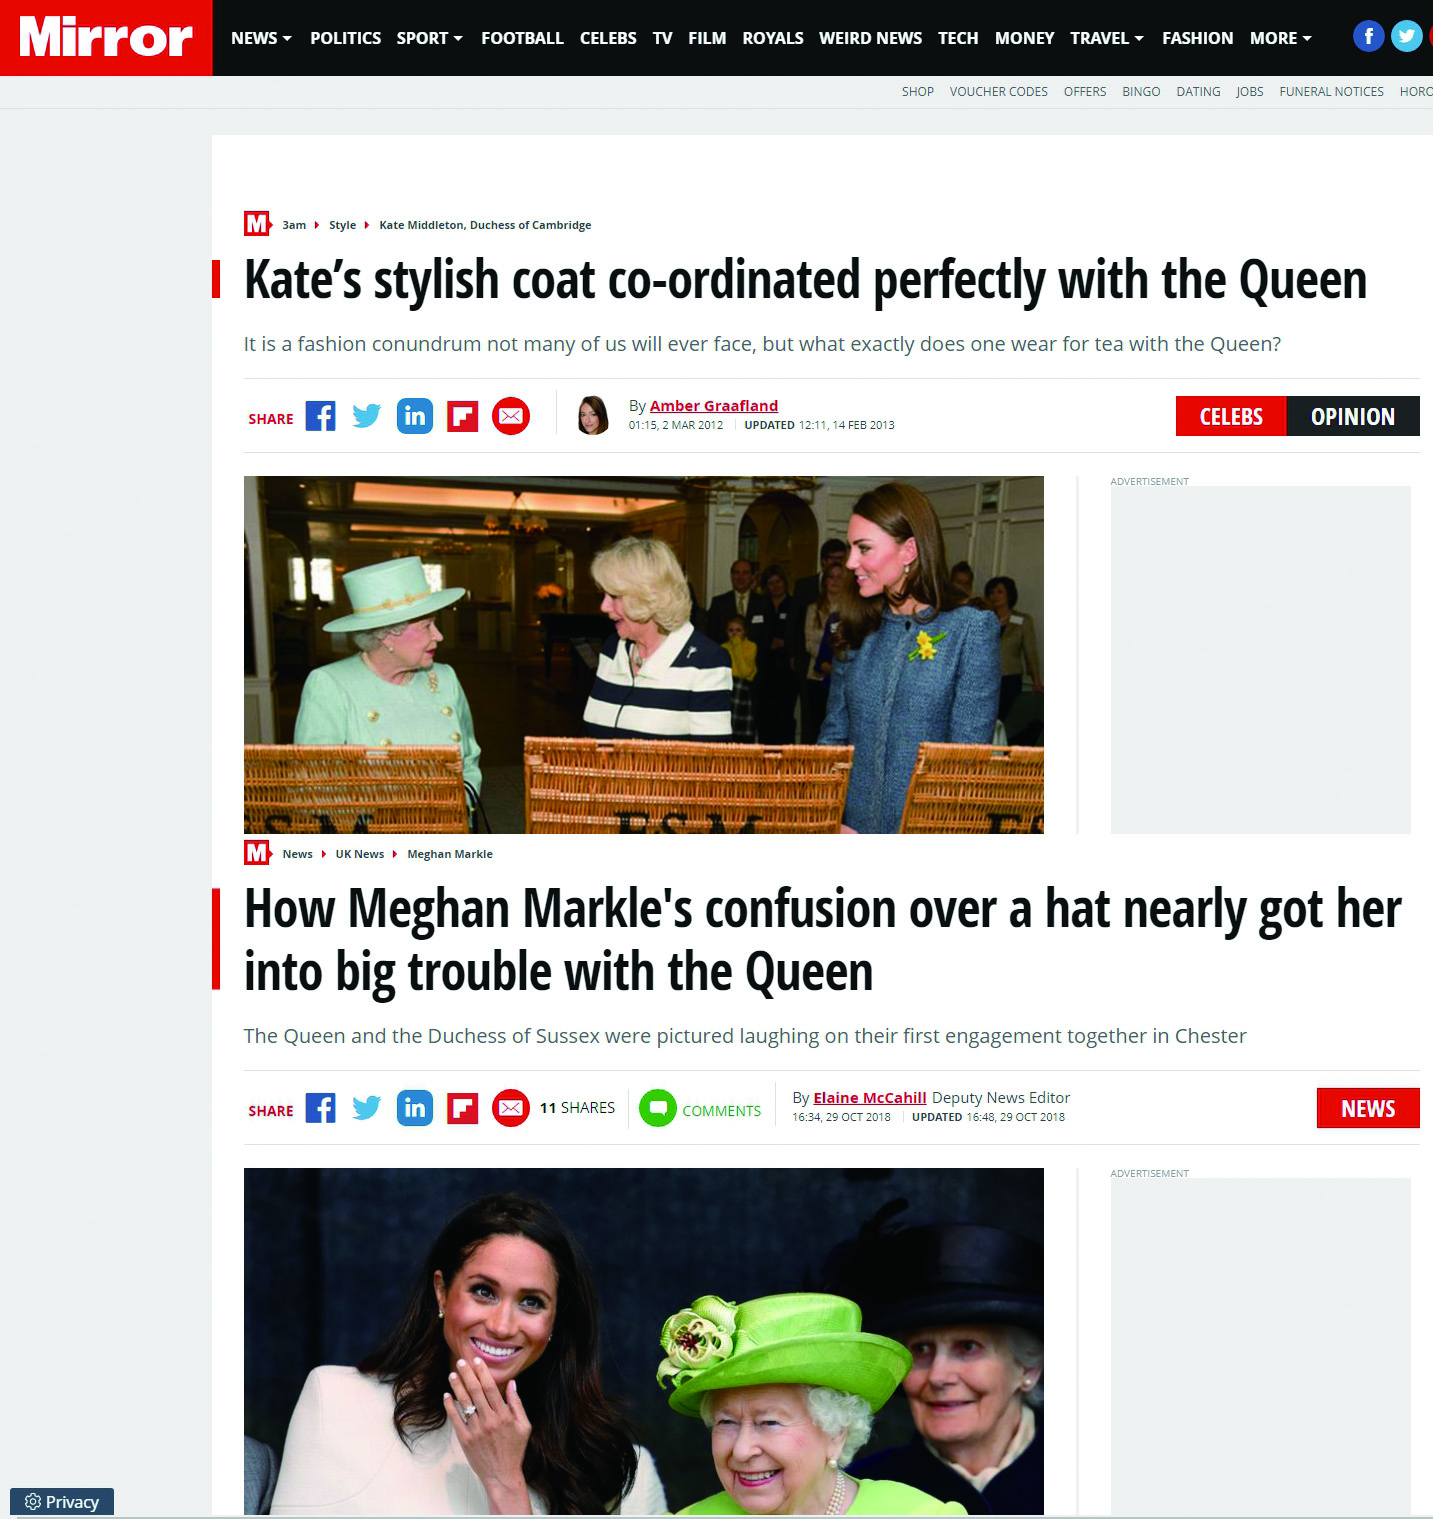 英國媒體每日鏡報在報導凱特與梅根相似新聞時,措辭不同。圖/每日鏡報網站